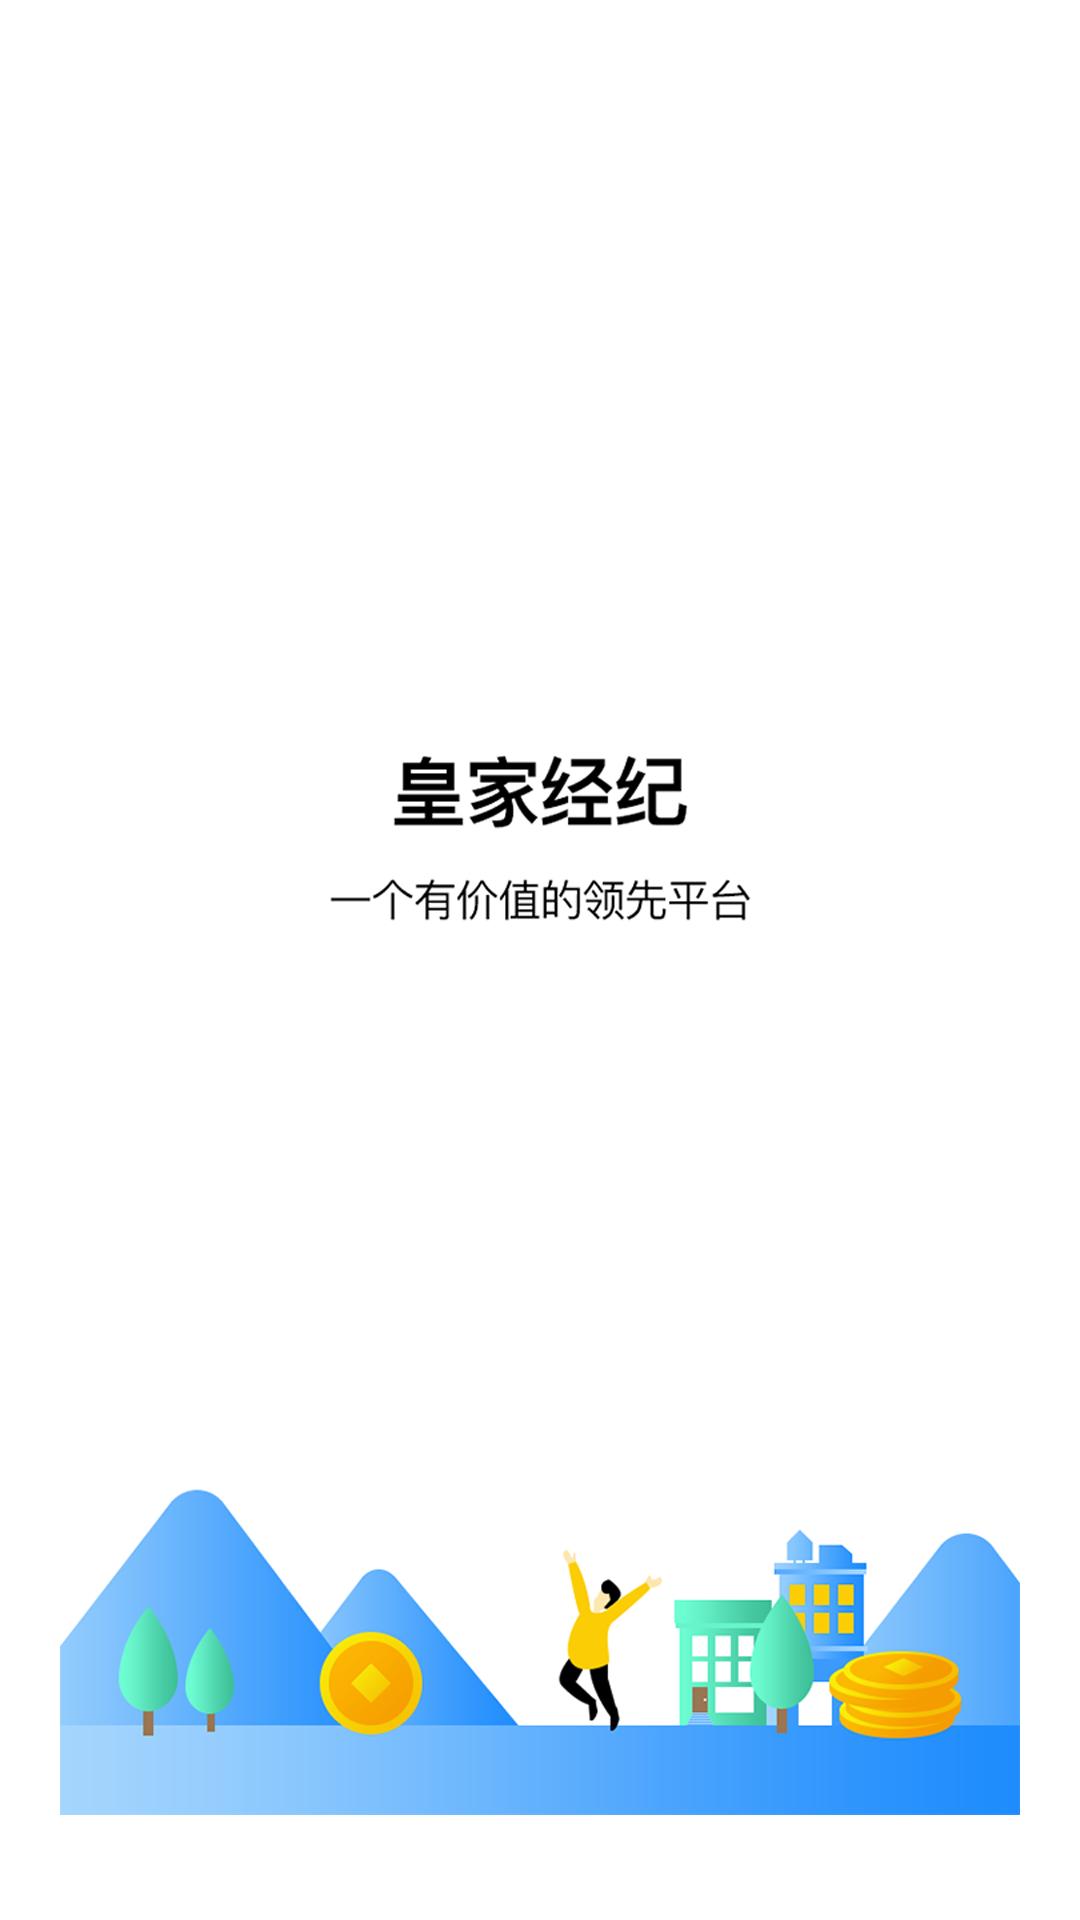 皇家经纪V1.0.5 安卓版